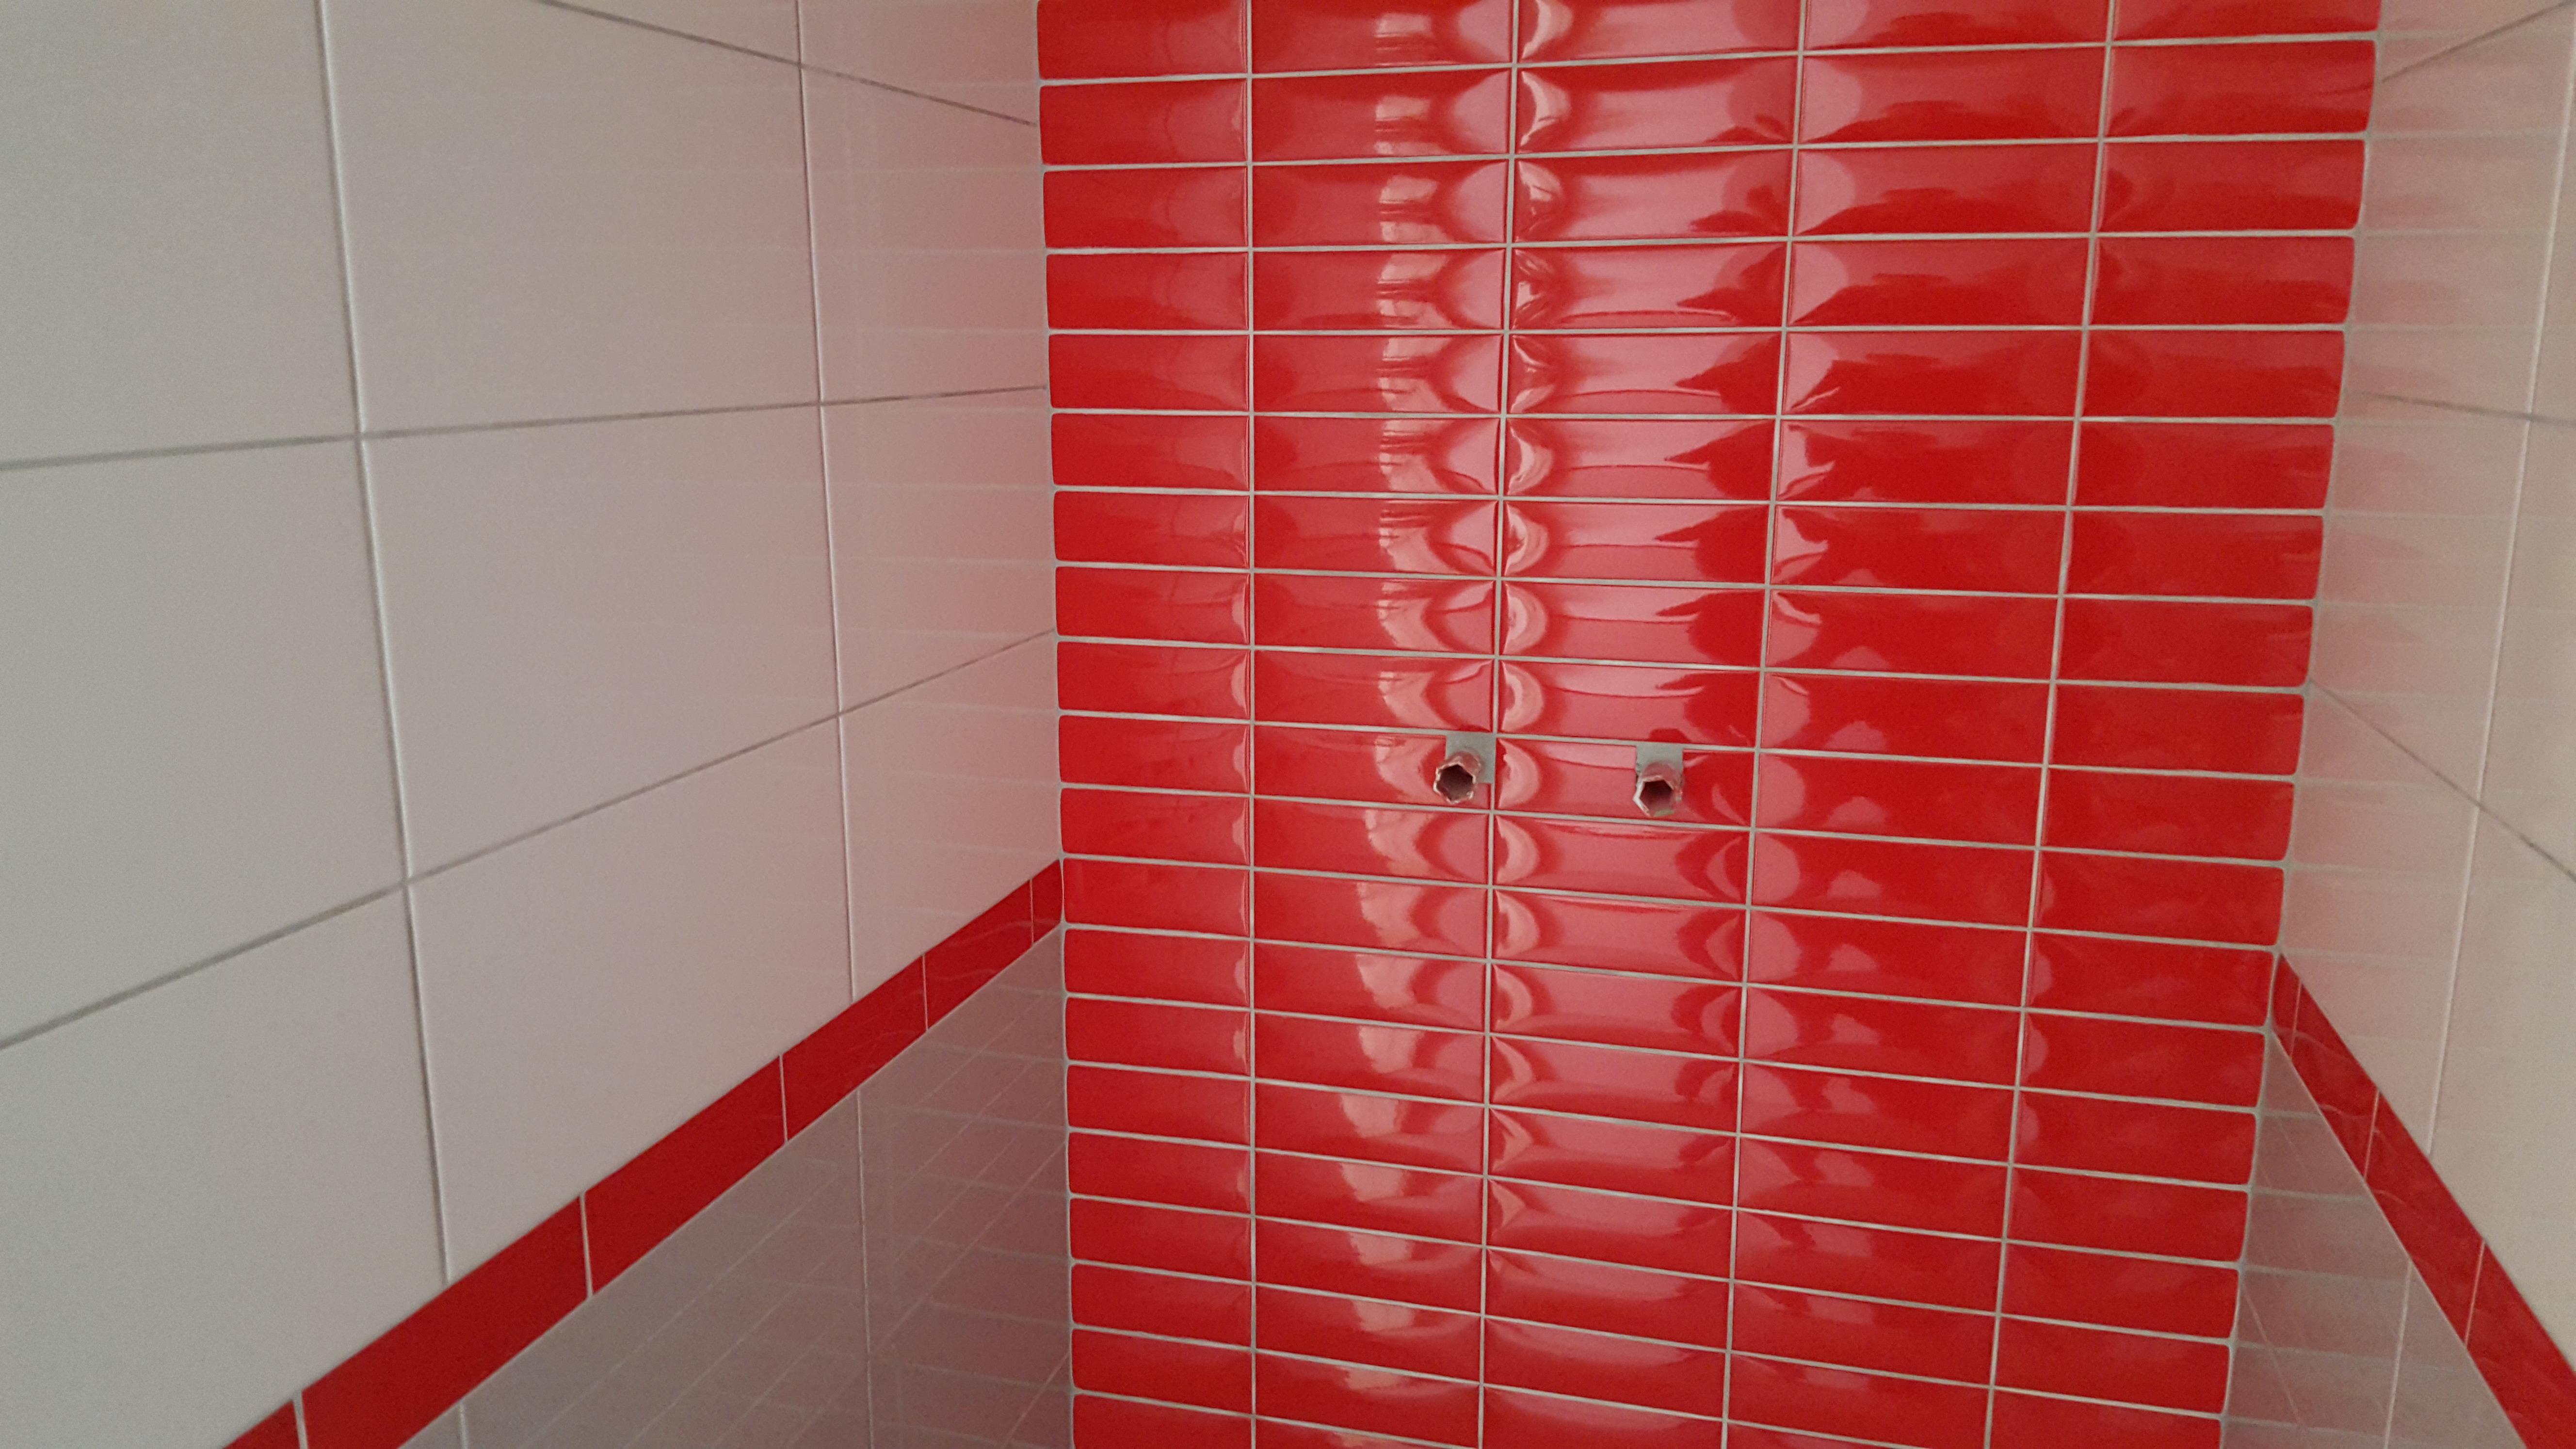 Obklady ve sprchovém koutě